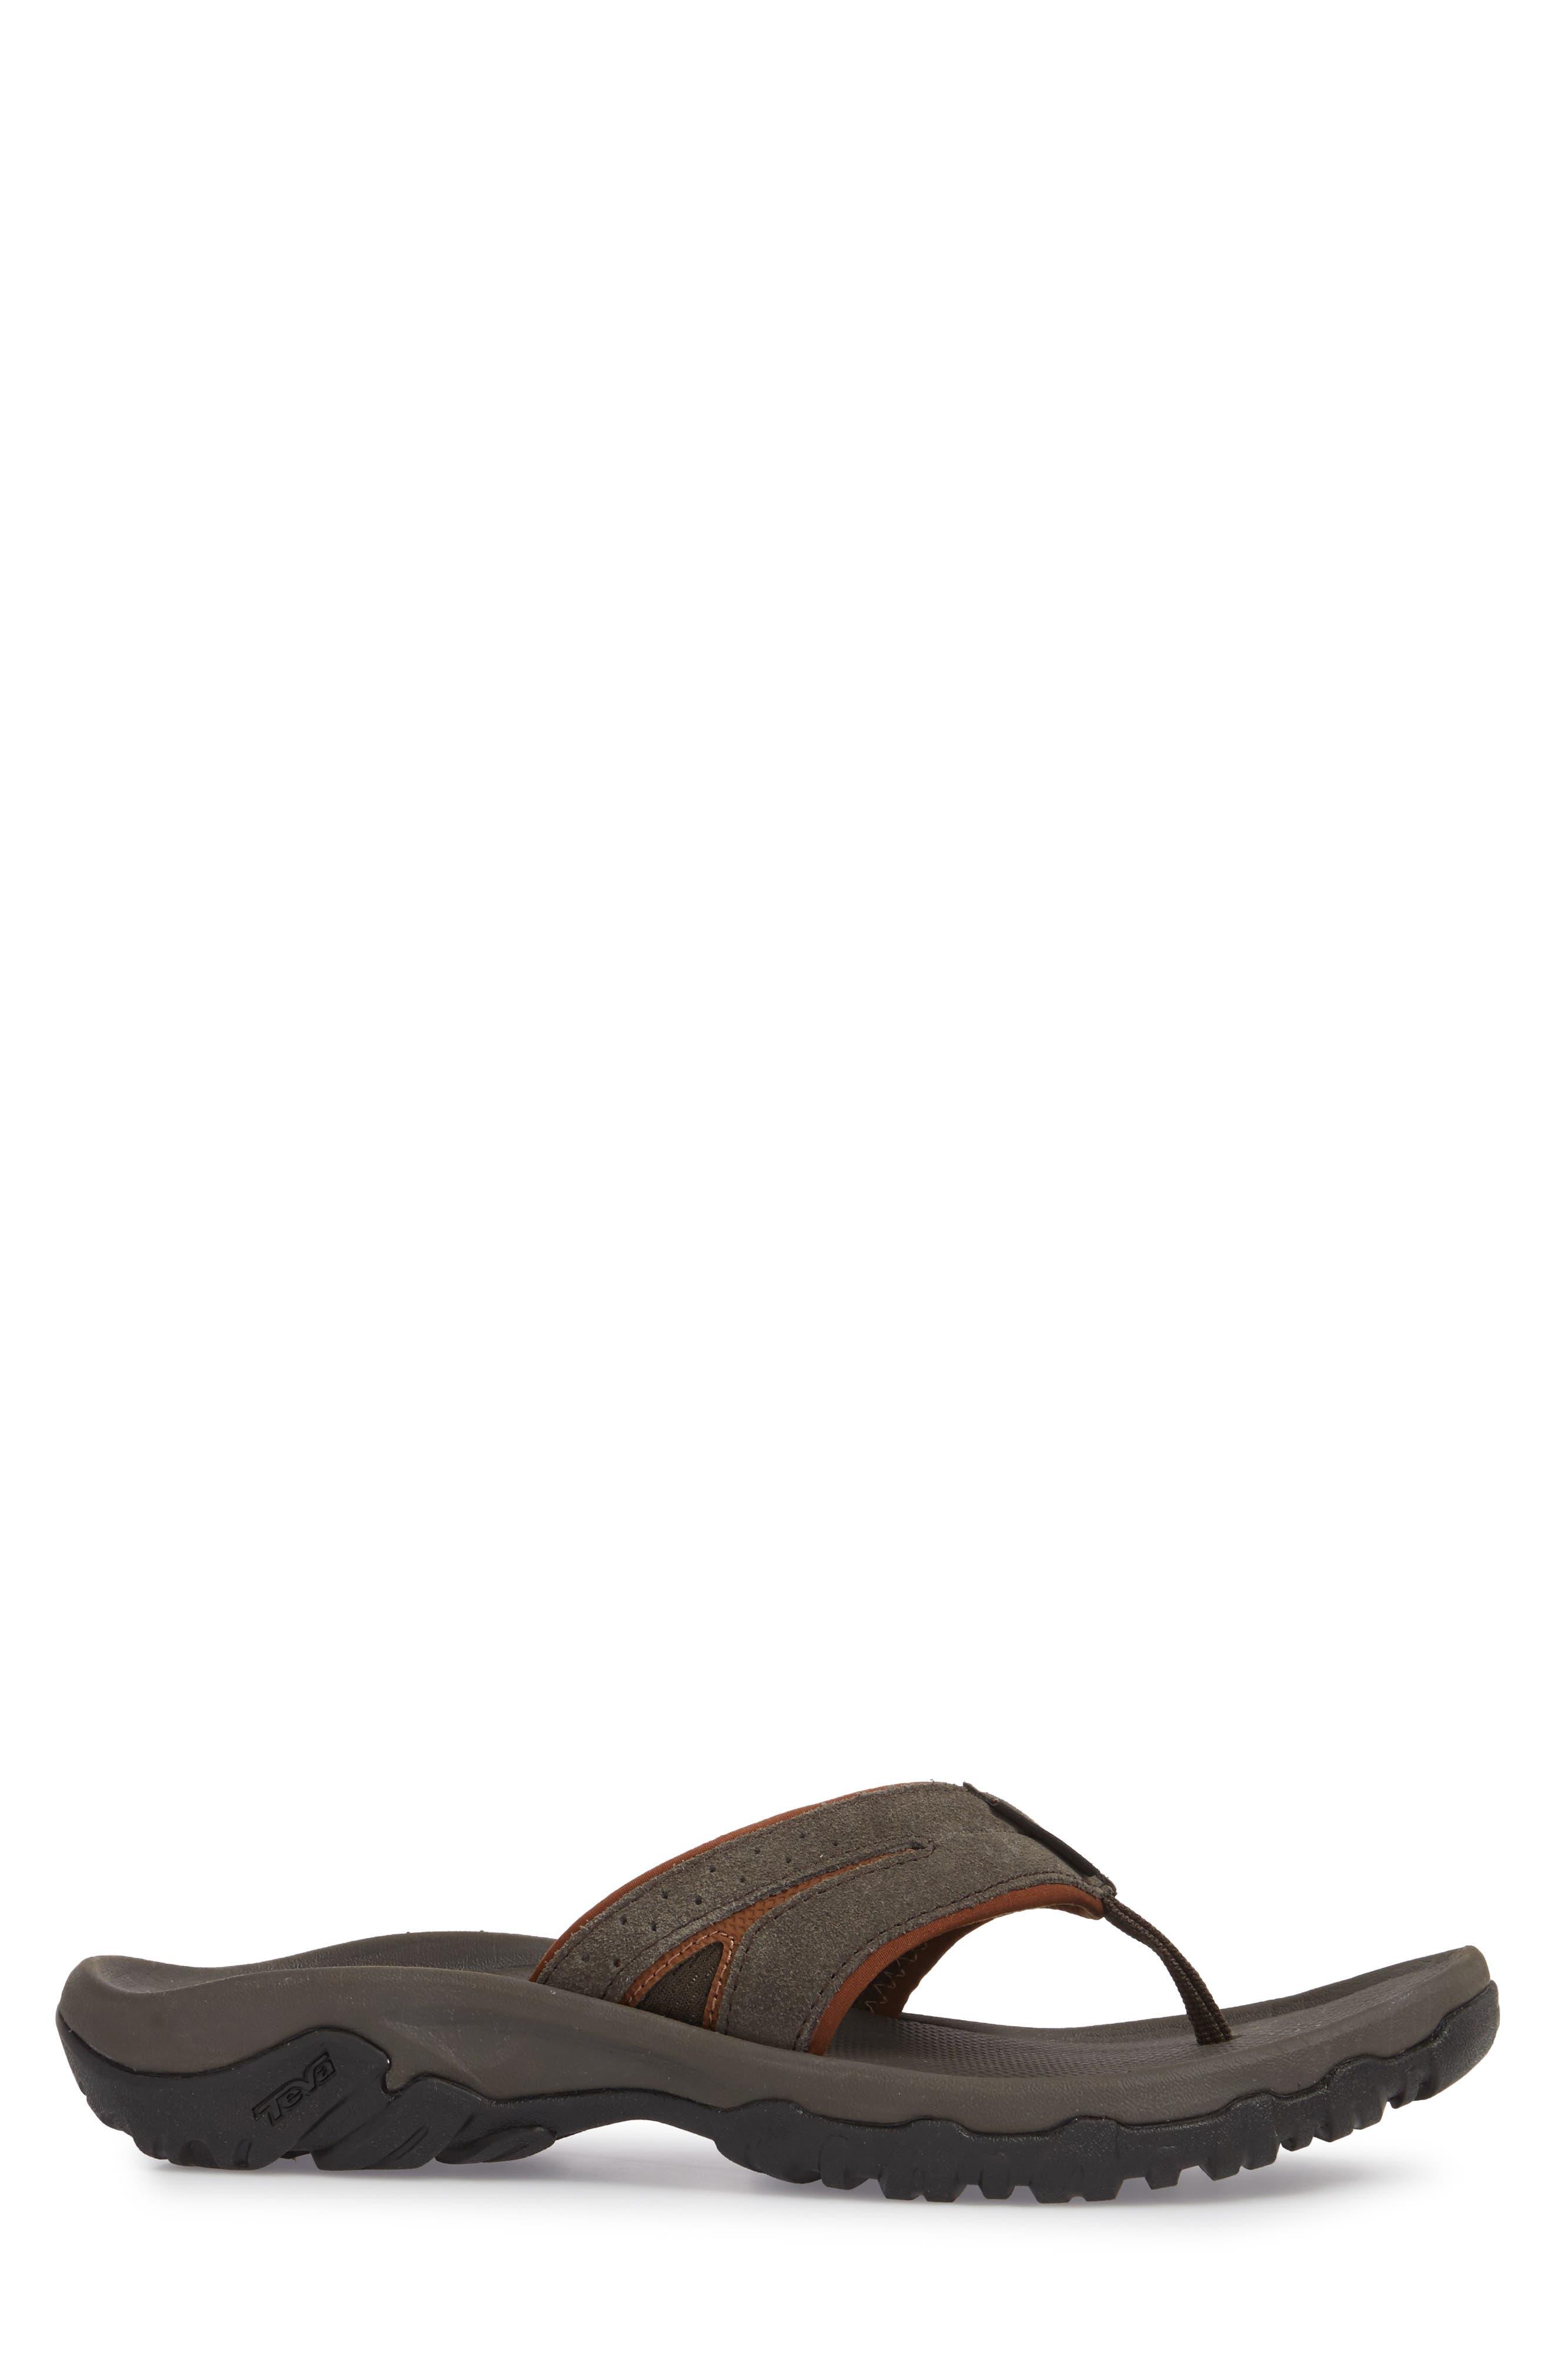 Katavi 2 Flip Flop,                             Alternate thumbnail 3, color,                             Black/ Olive Suede